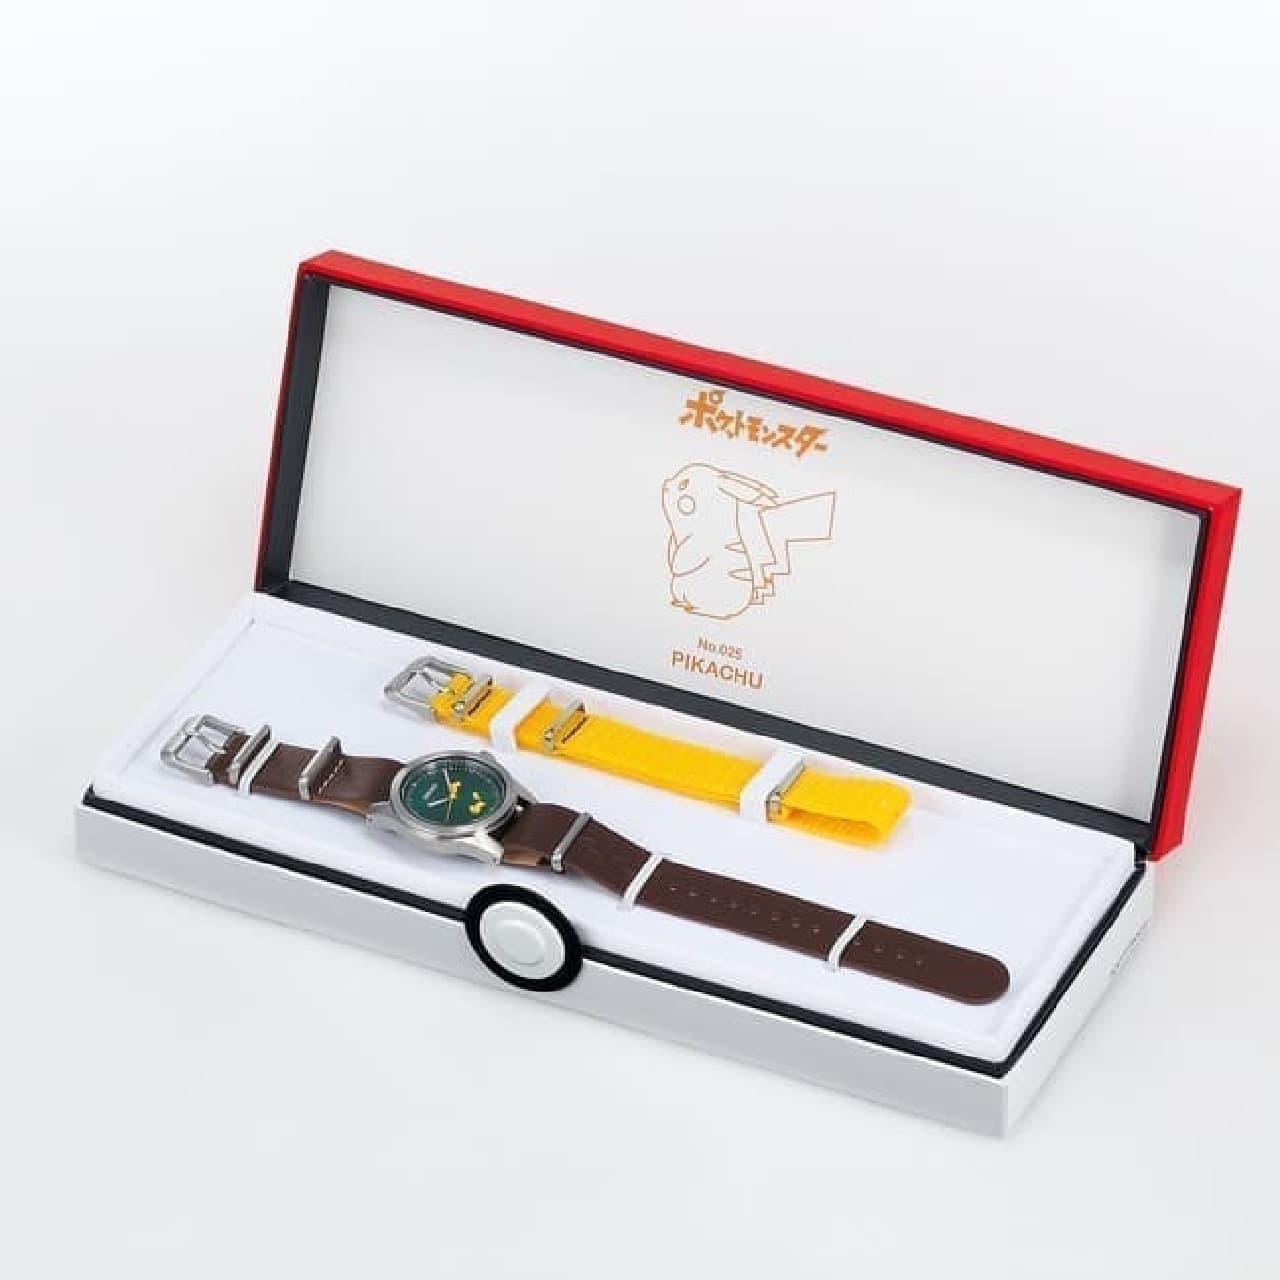 細かいつくりが嬉しい!「セイコー&ポケモン スペシャルモデル」登場 -- ピカチュウやイーブイなど4種類